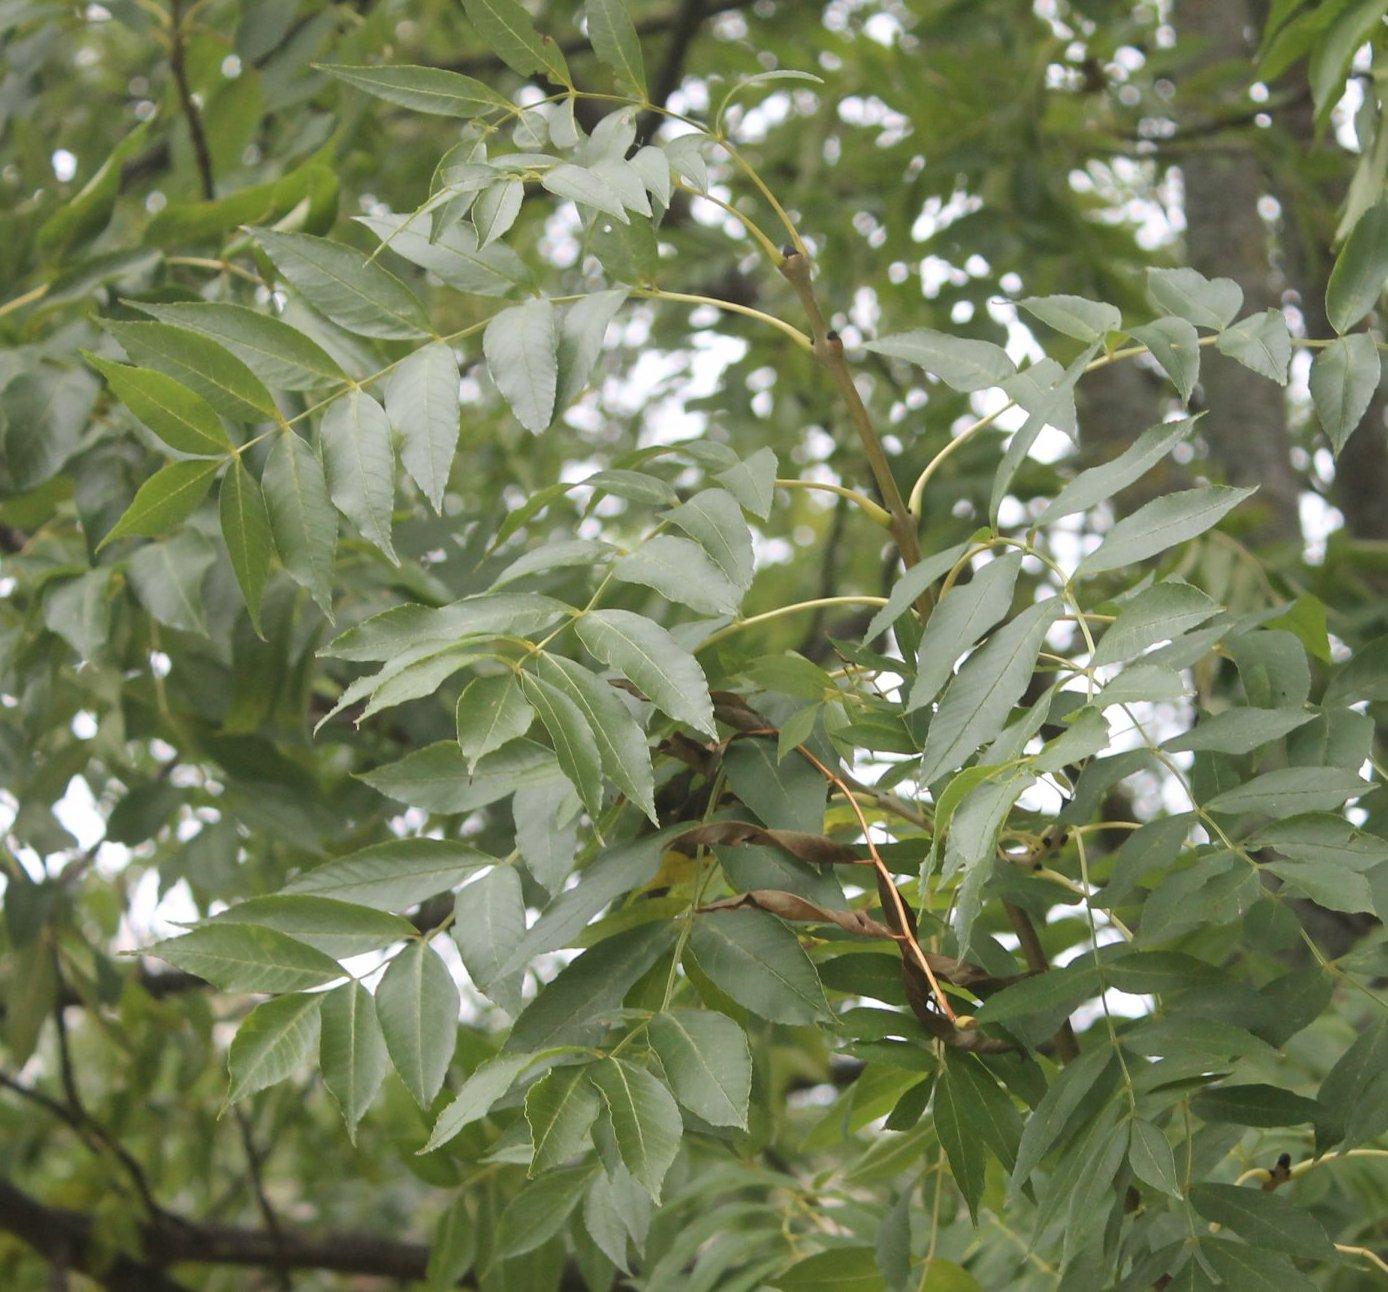 Das Bild zeigt die Fiederblätter der Gewöhnlichen Esche. Sie sind mit 9 bis 13 einzelnen, spitz zulaufenden Fiederblättchen besetzt. Hier an einem Baum im Kosmosviertel.